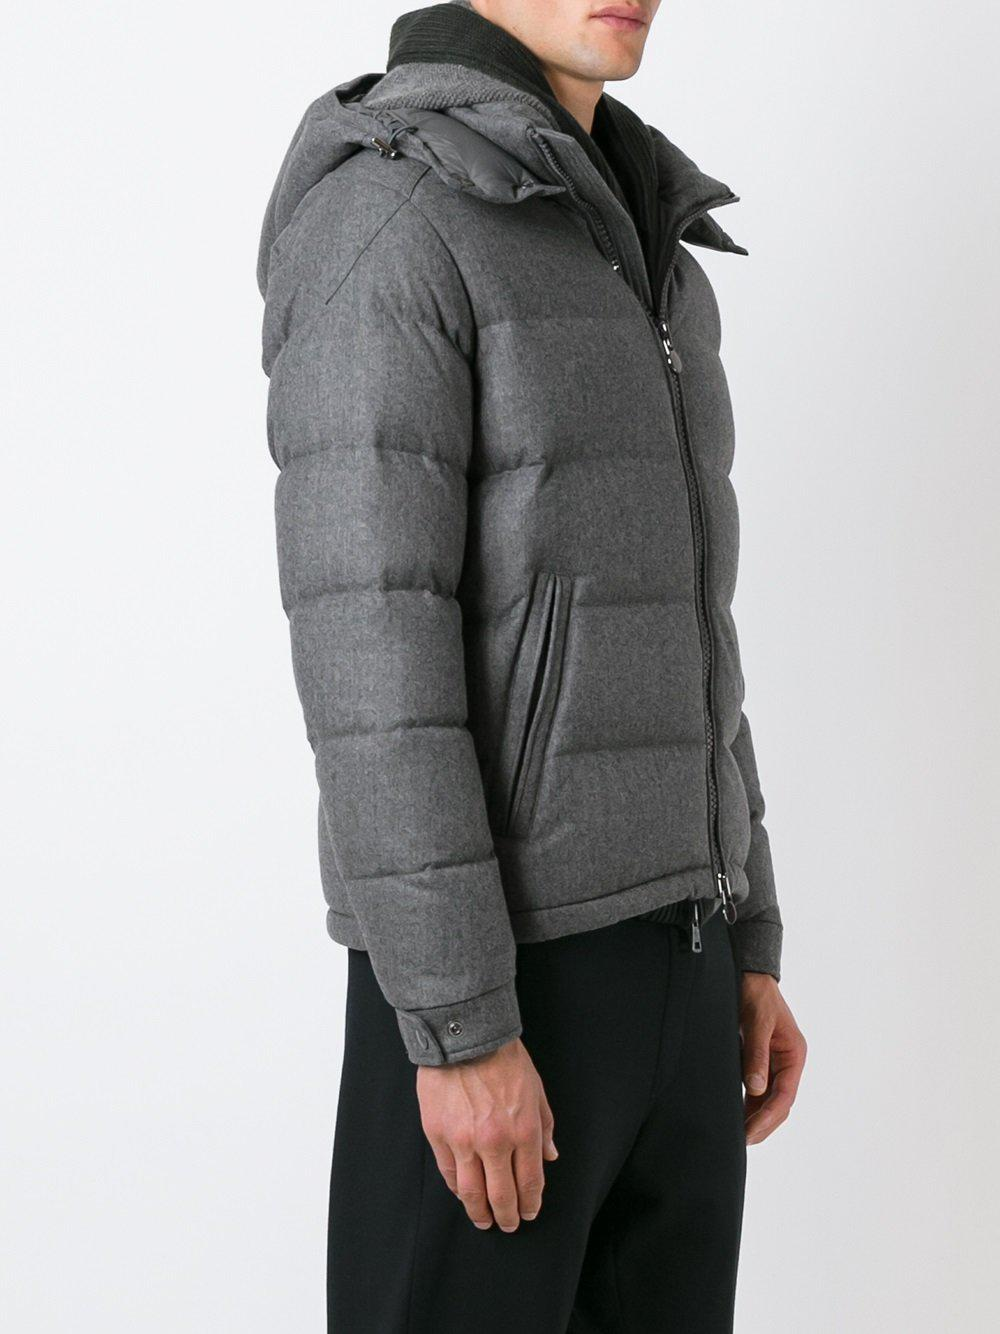 Moncler - Gray Doudoune